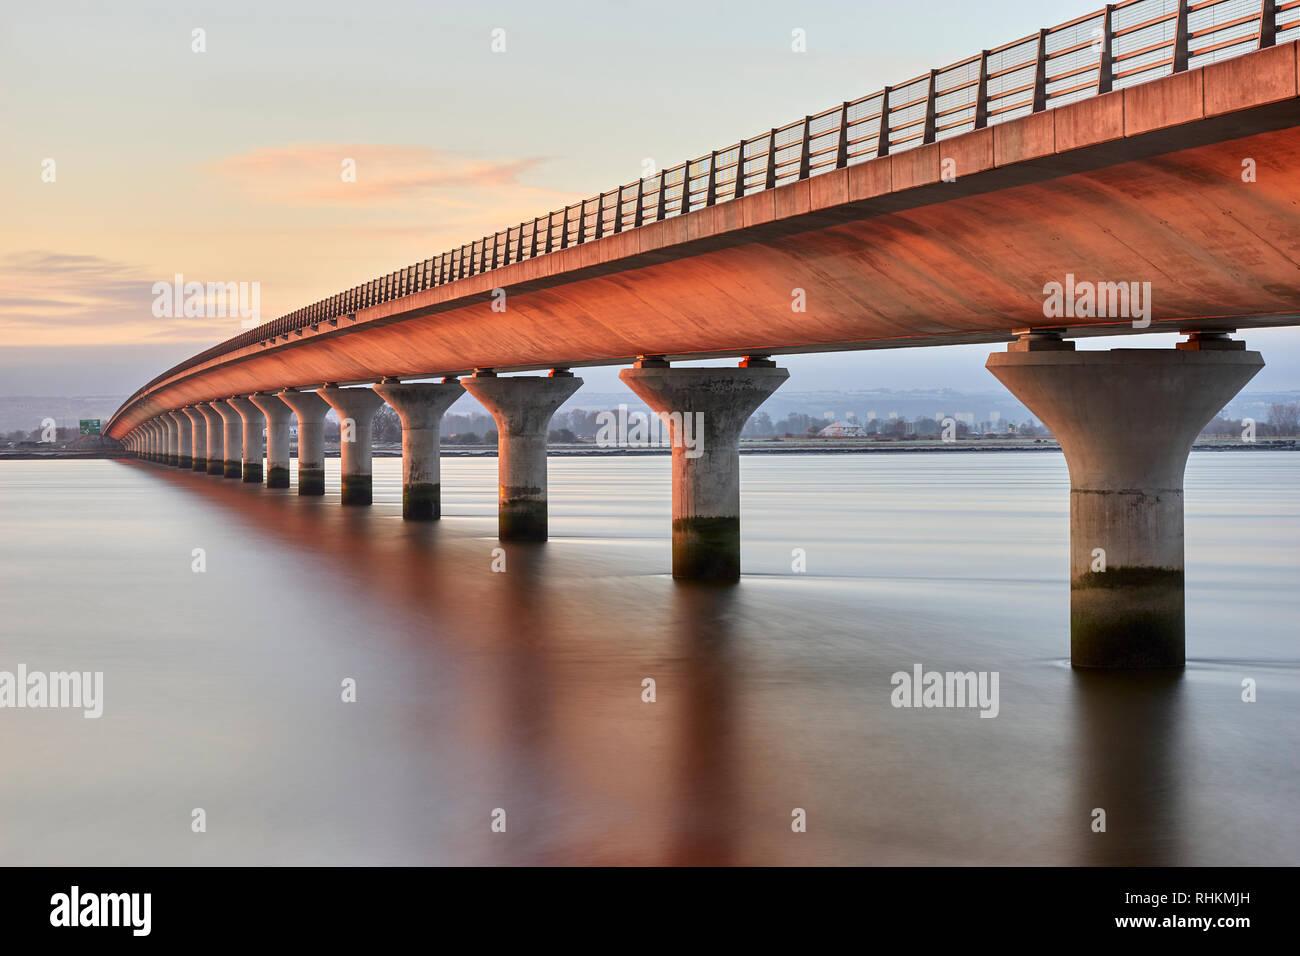 La vista desde el puente de Clackmannanshire Fife / Clackmannanshire, Escocia. La larga exposición Foto de stock